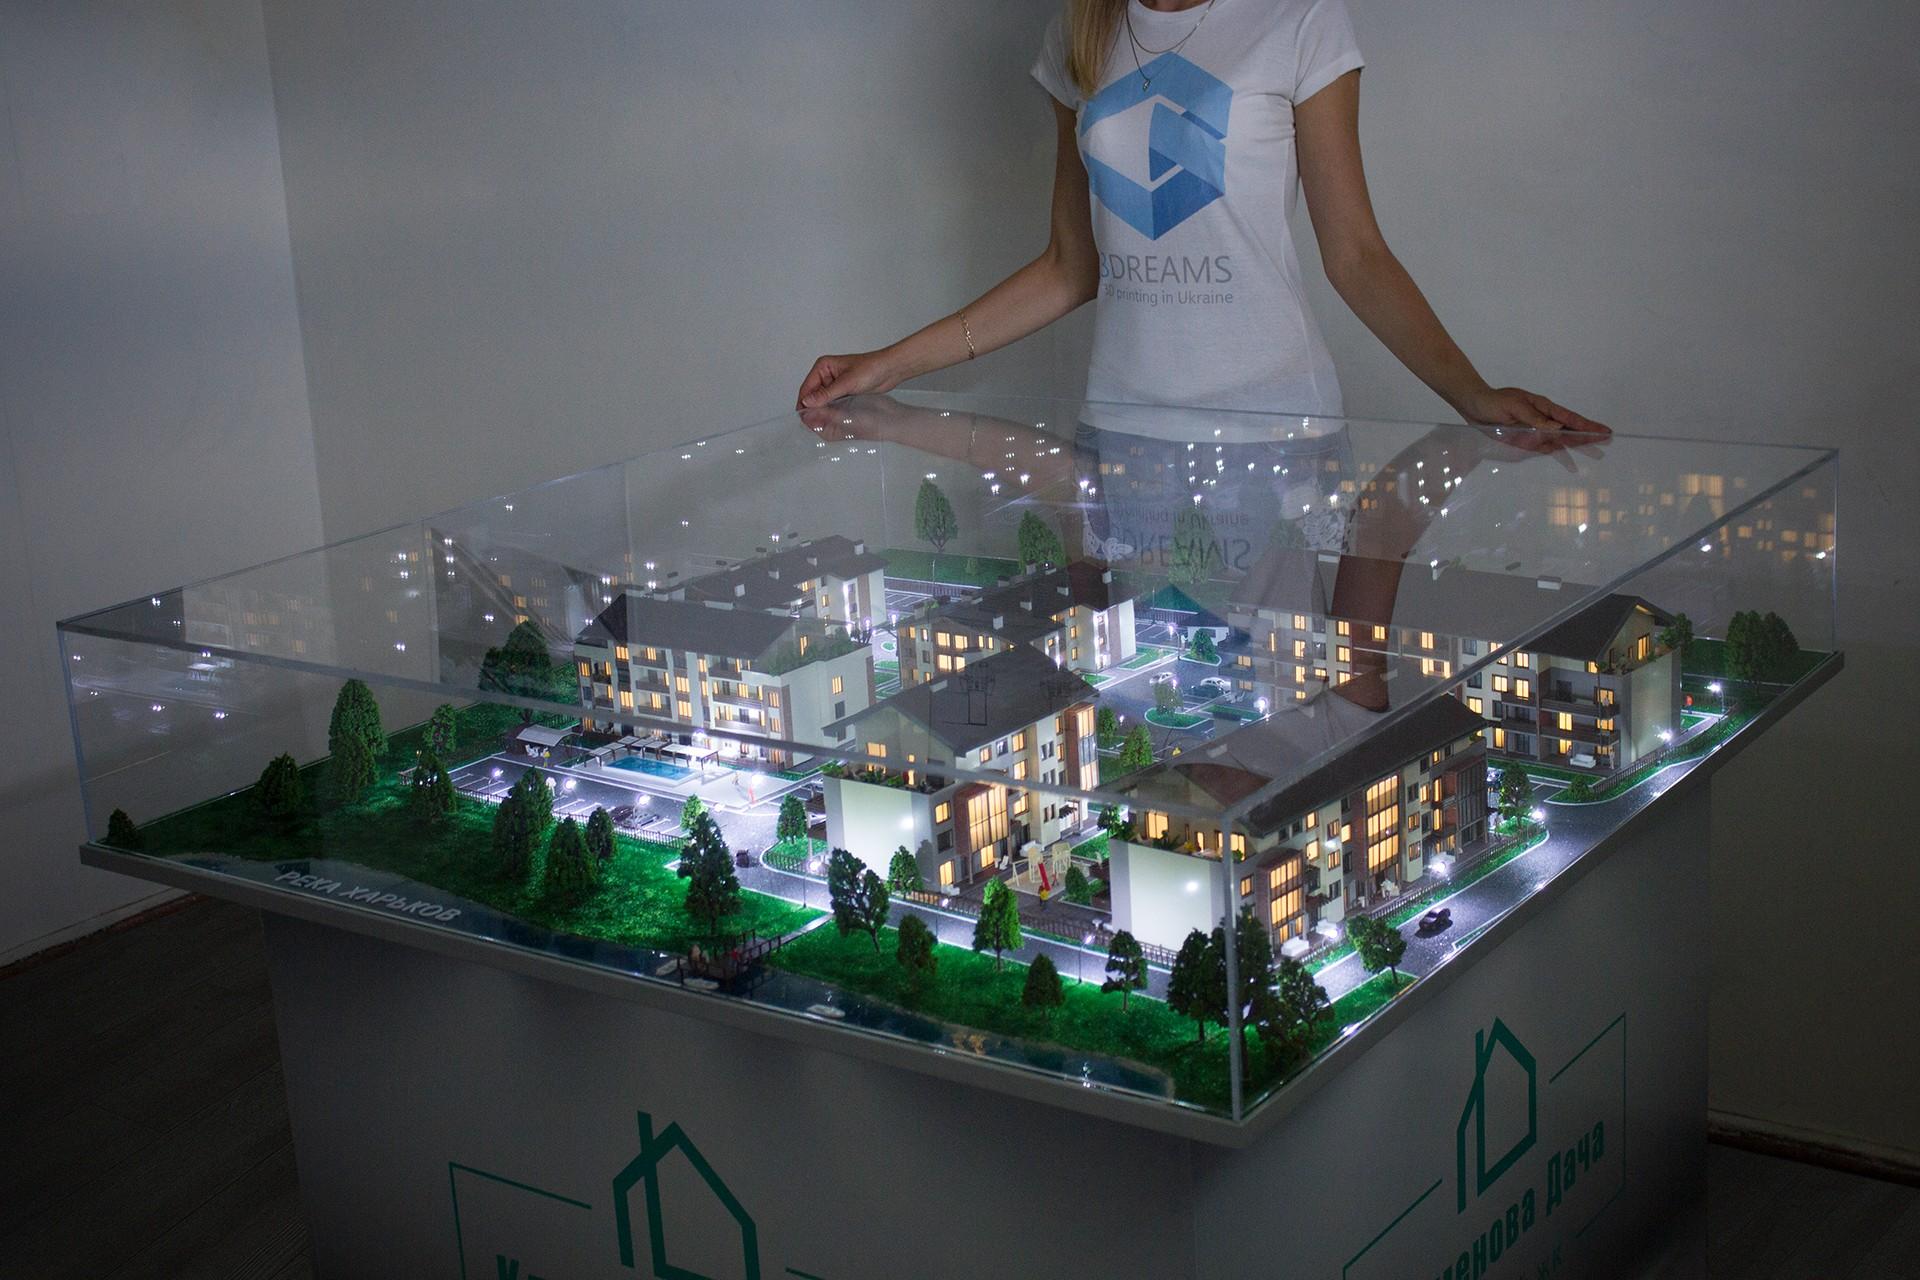 Architekturmodell der Wohnanlage hat in unserer Modellwerkstatt hergestellt